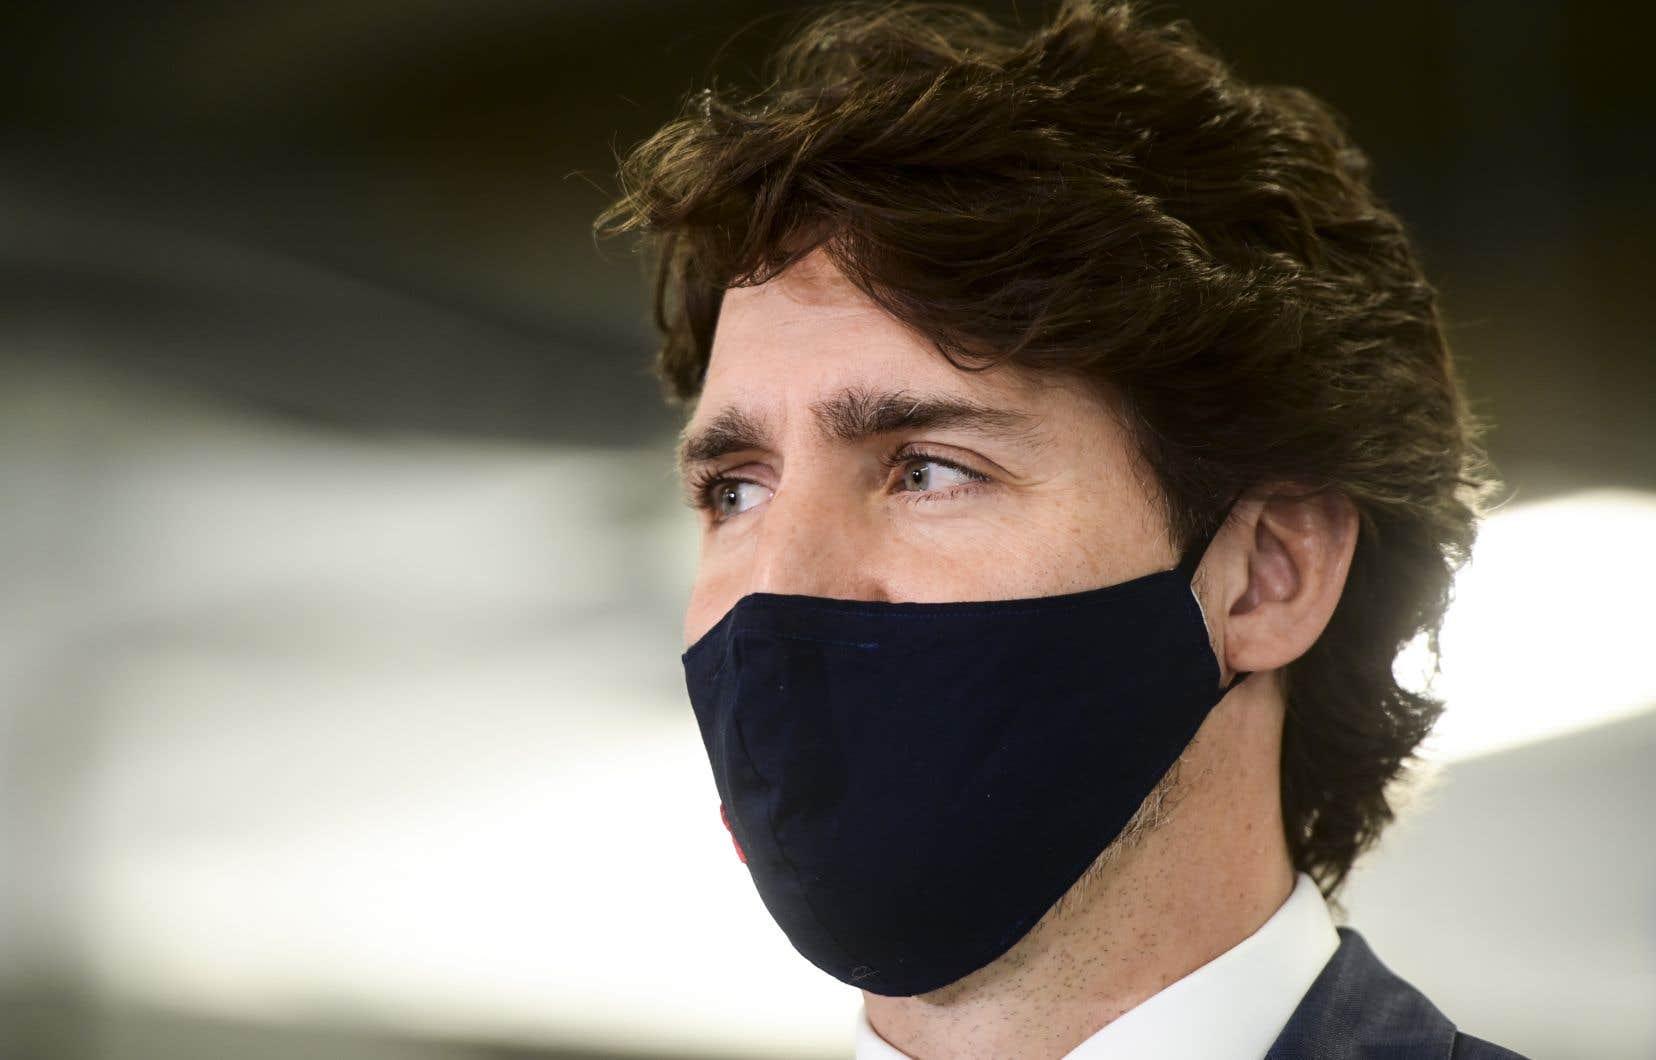 Justin Trudeau était en banlieue d'Ottawa pour annoncer le financement de la construction de voitures électriques lorsqu'on lui a demandé ce qu'il pensait de la situation aux États-Unis.